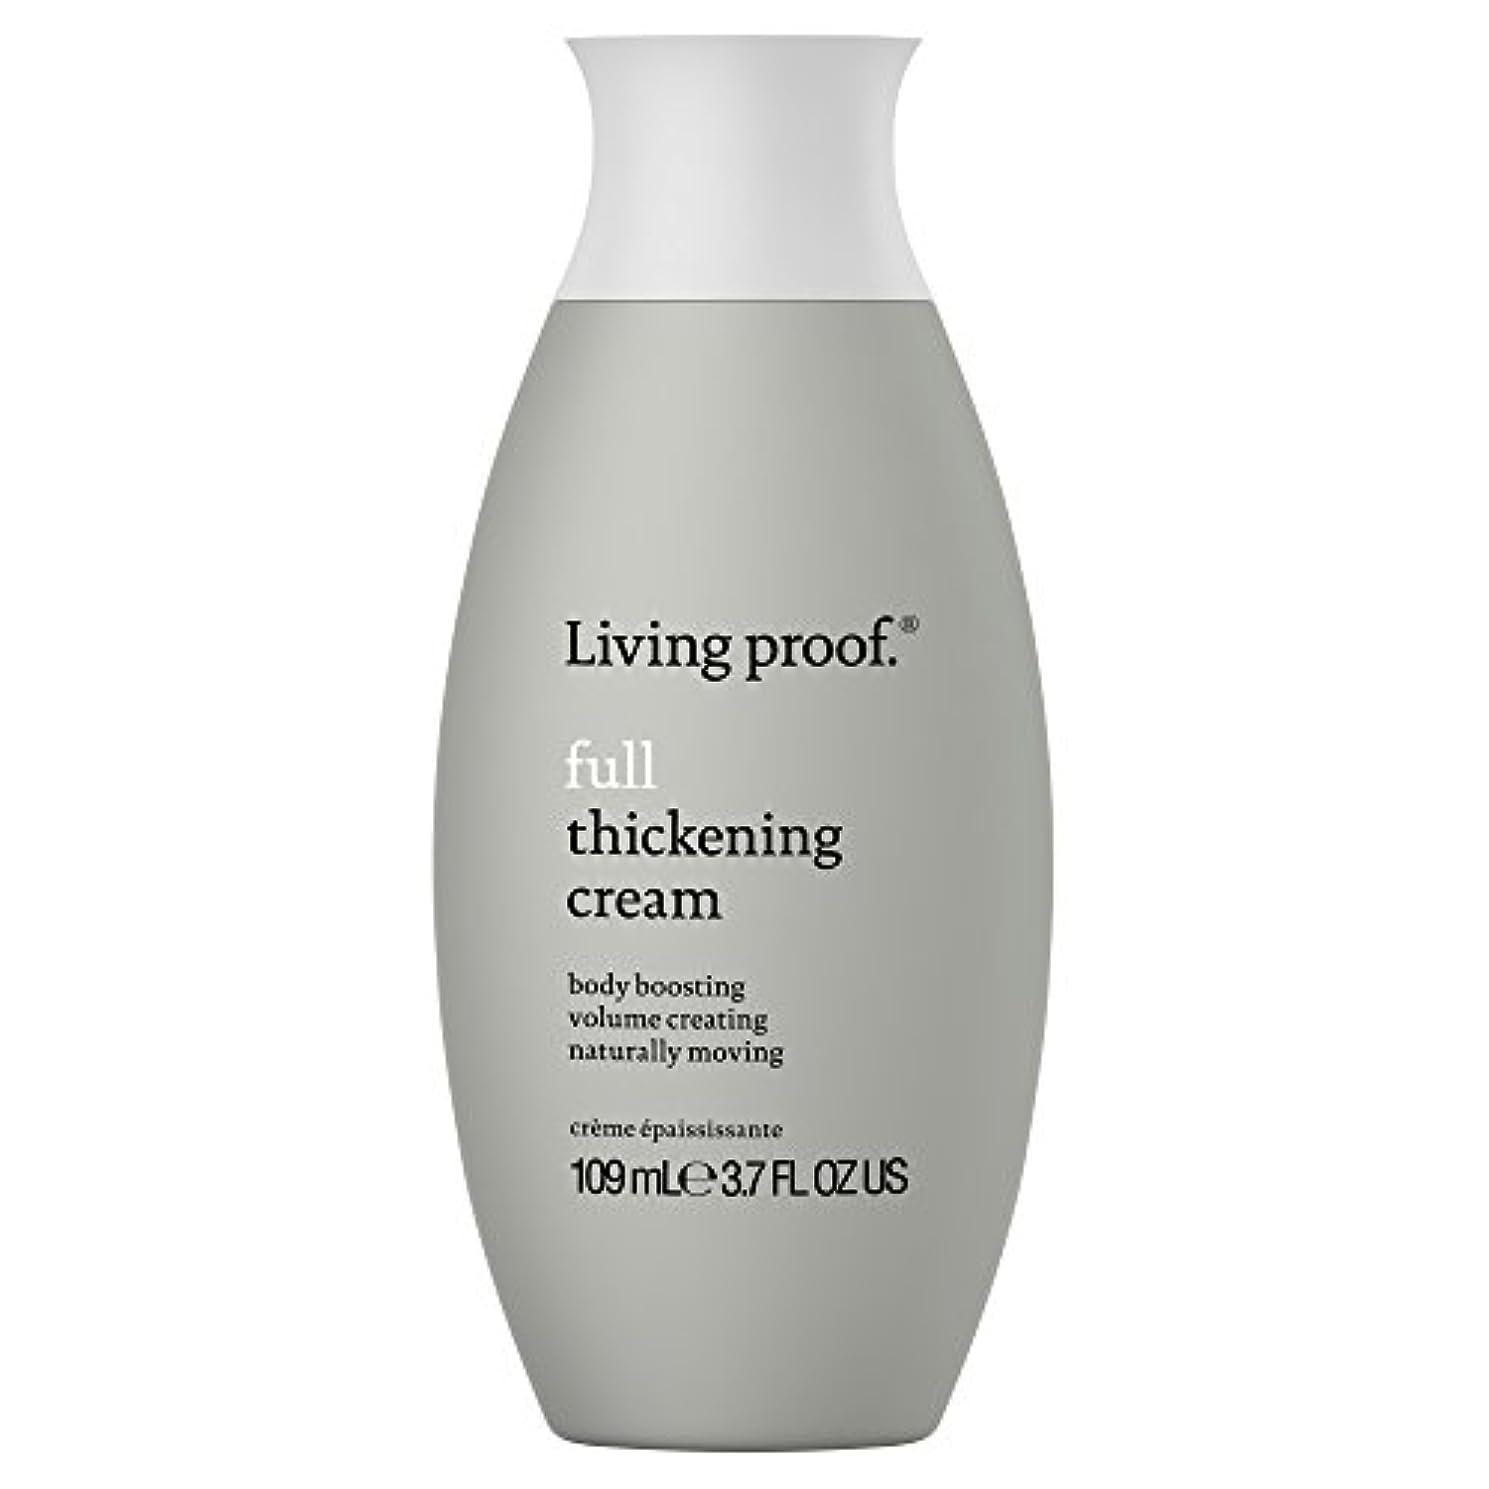 メアリアンジョーンズ結紮億生きている証拠フル肥厚クリーム109ミリリットル (Living Proof) - Living Proof Full Thickening Cream 109ml [並行輸入品]